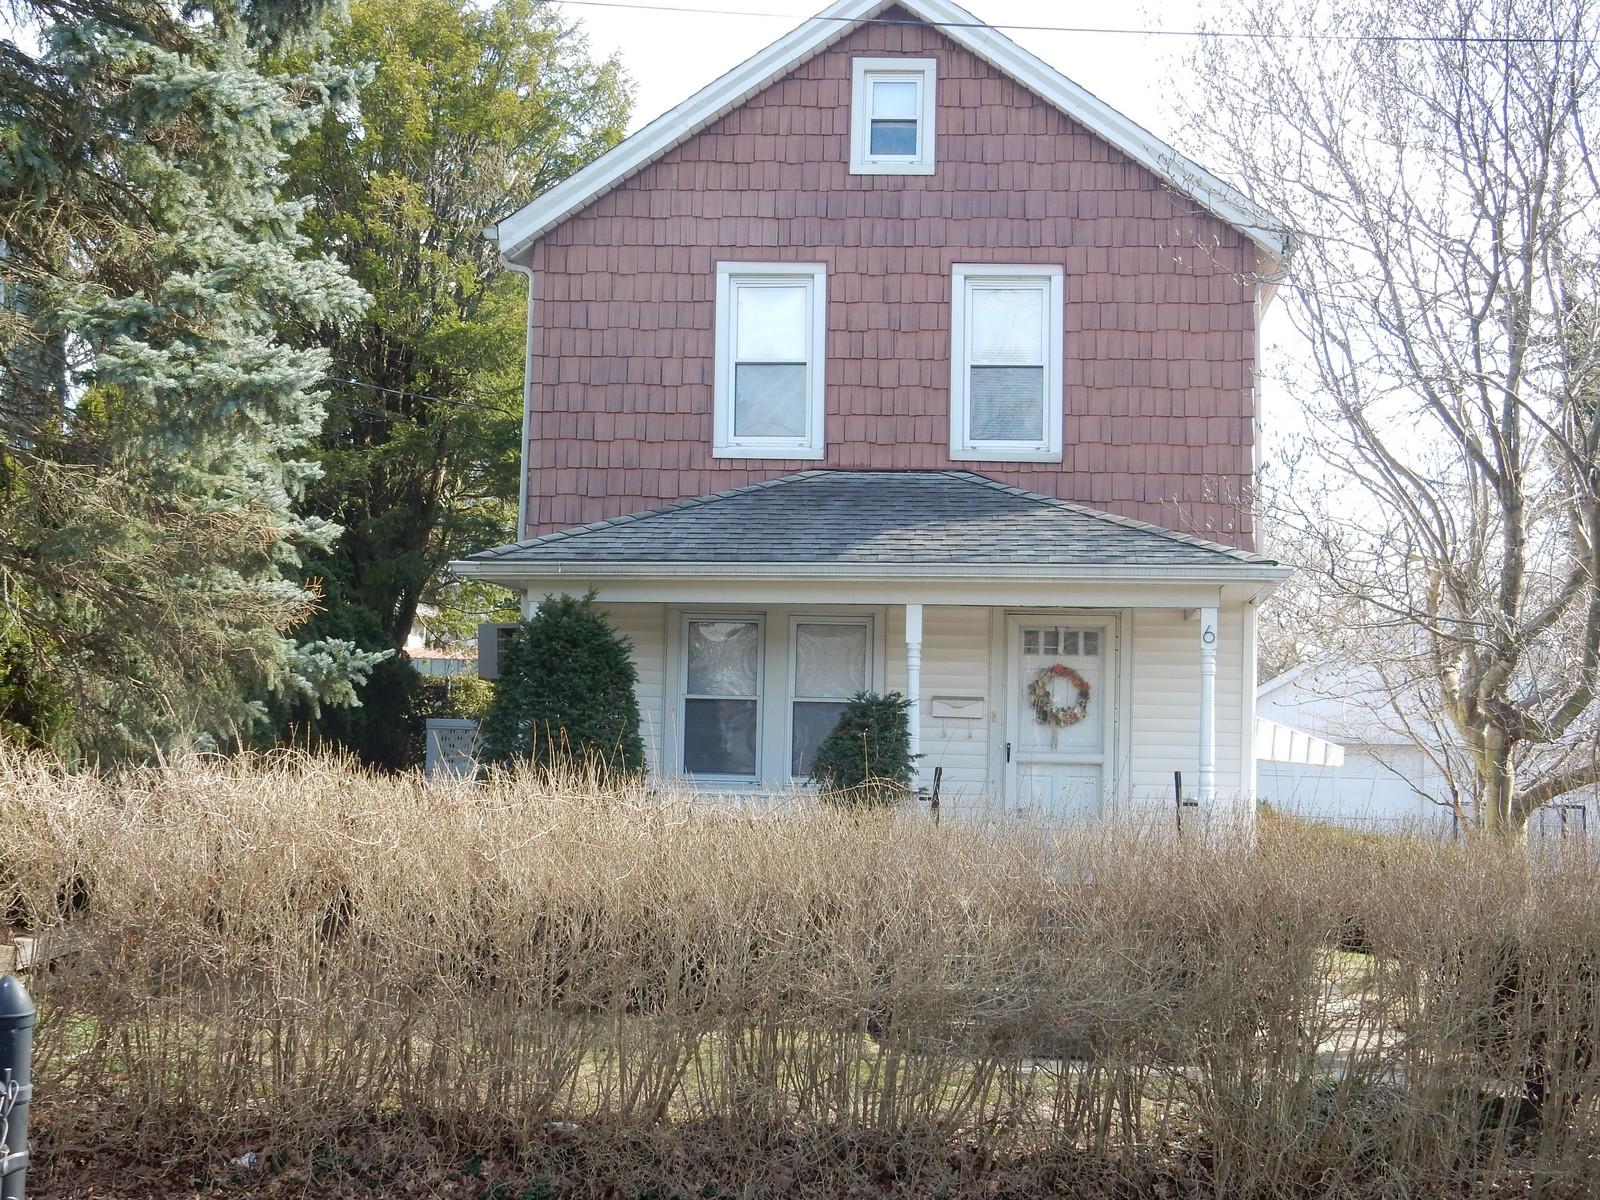 Einfamilienhaus für Verkauf beim Colonial 6 Pulaski Pl Port Washington, New York, 11050 Vereinigte Staaten